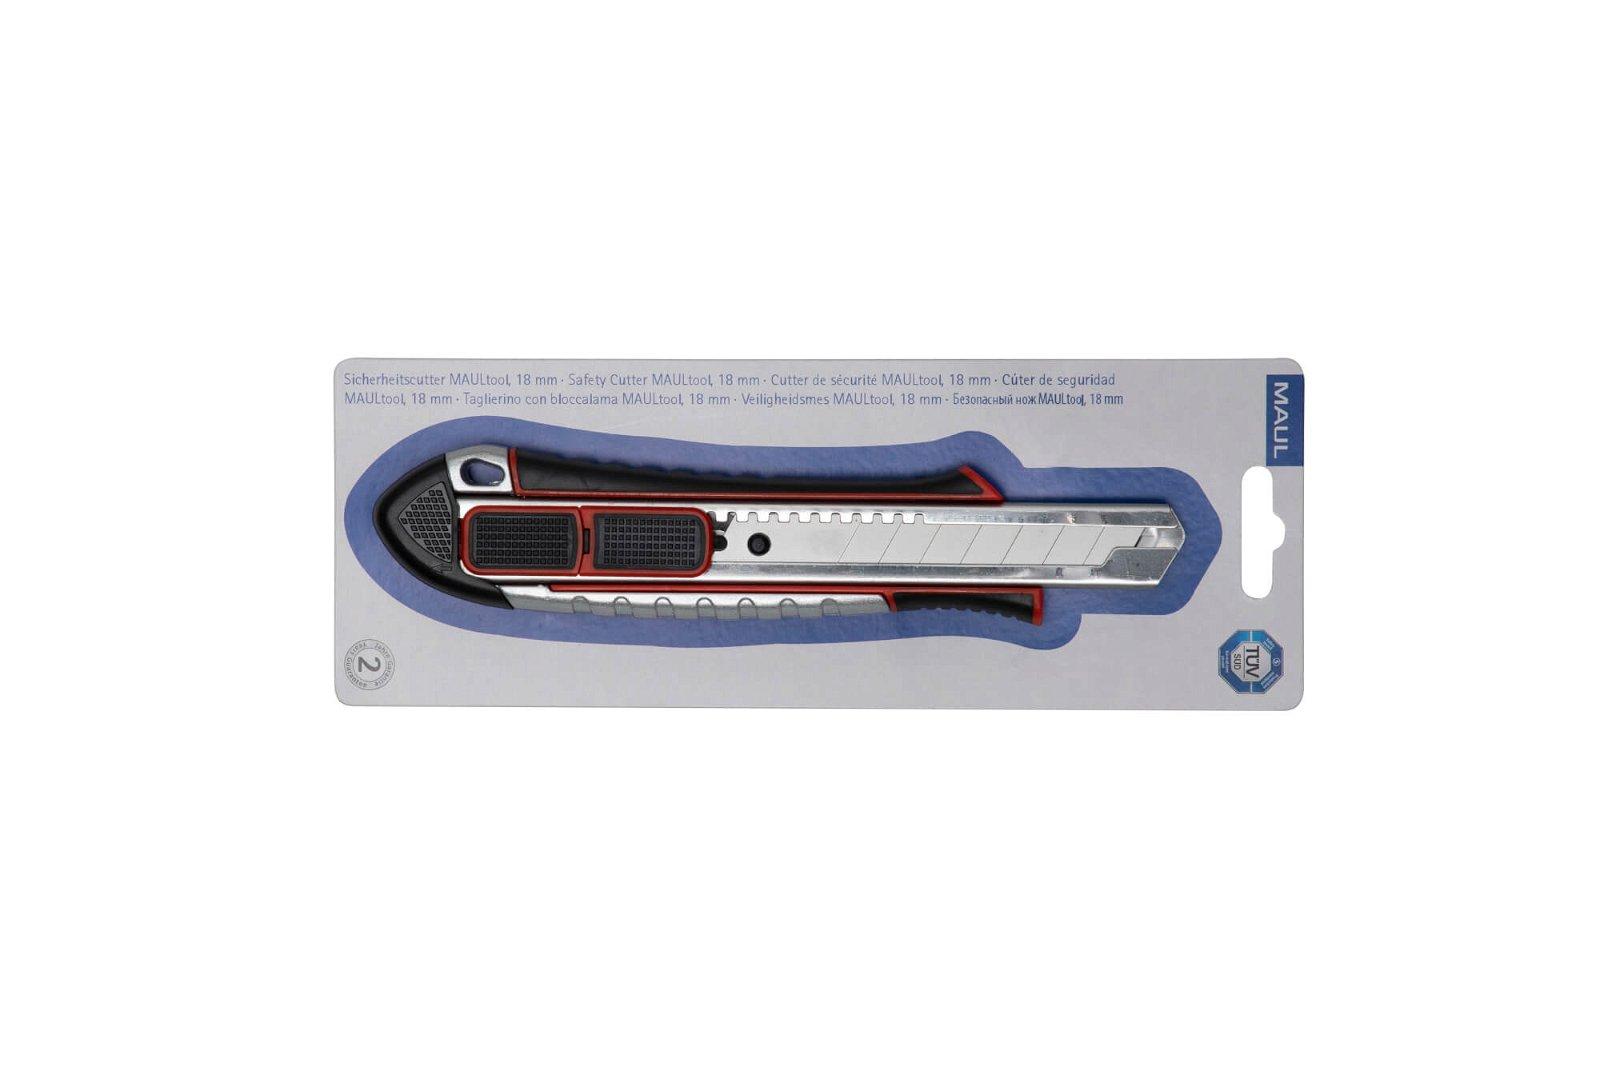 Sicherheitscutter MAULtool, 18 mm